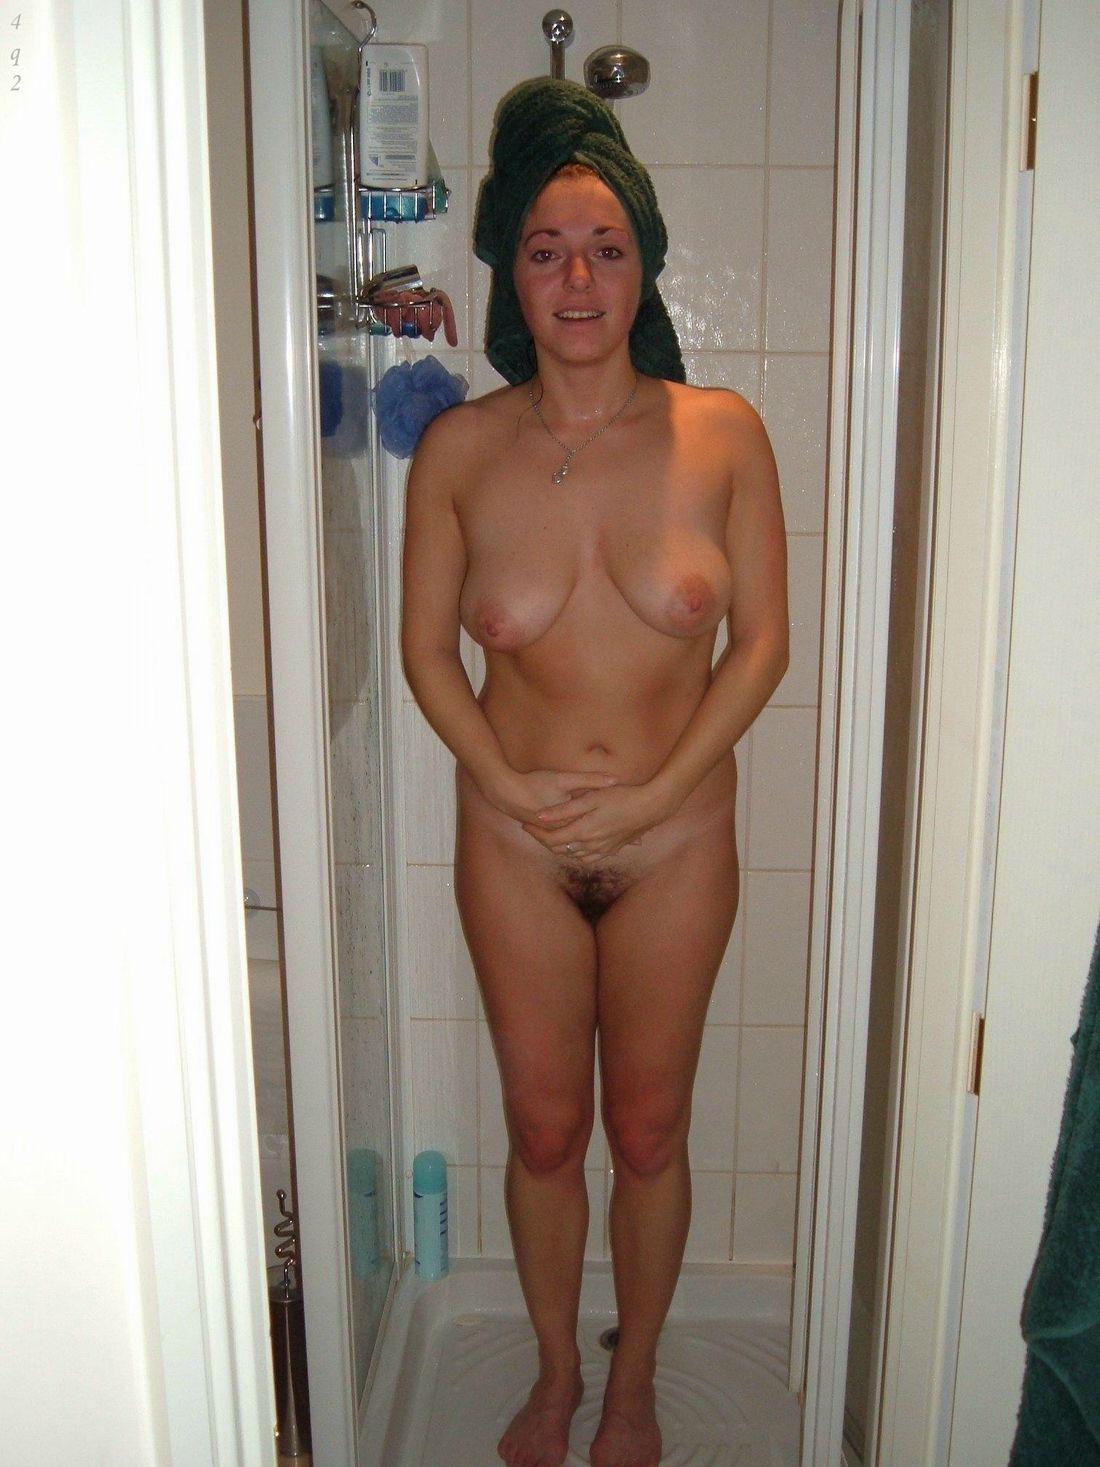 best of Amateur shower